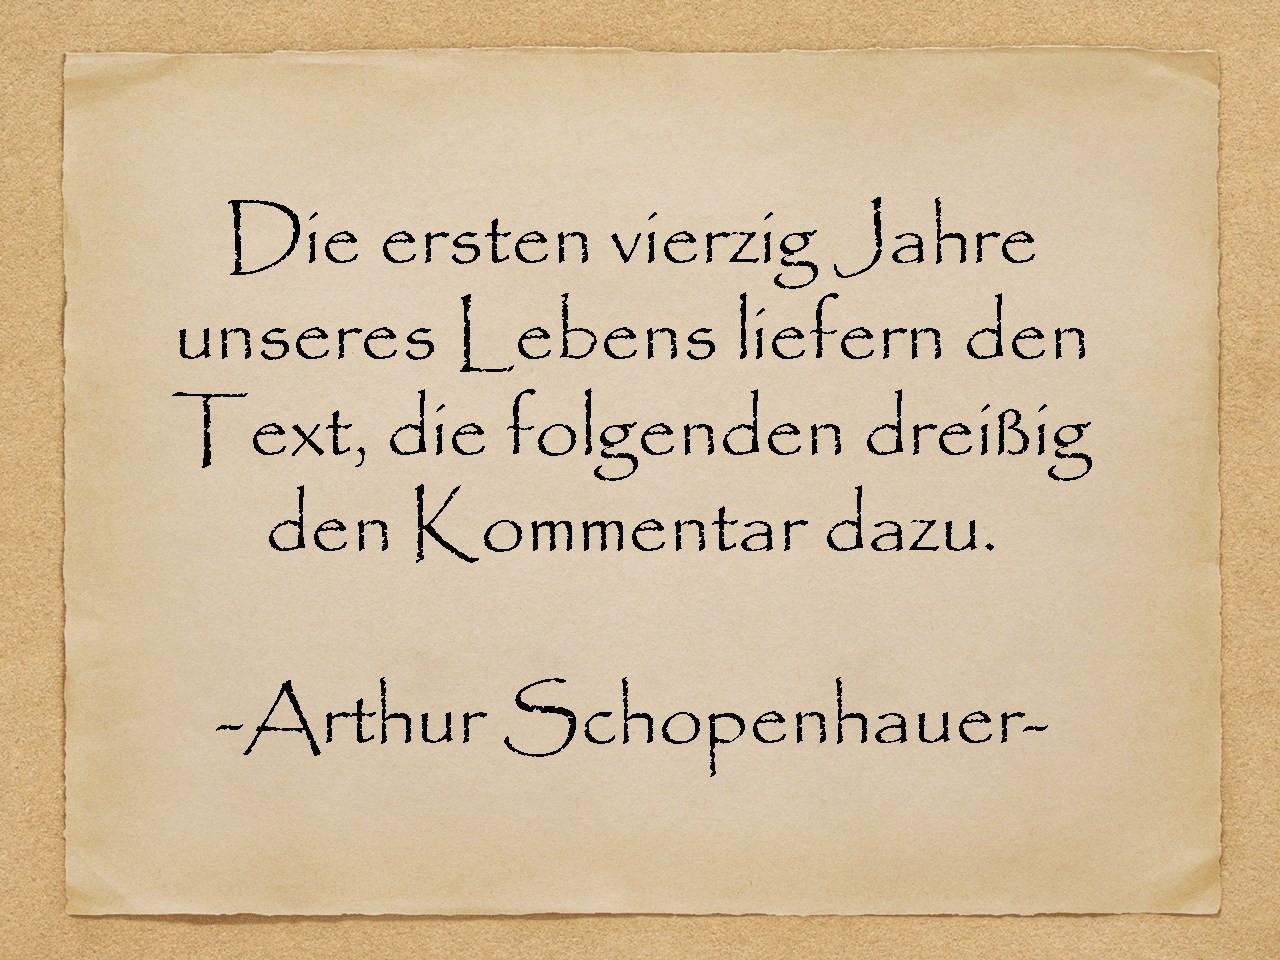 Geburtstagssprüche 40 Jahre  Geburtstagssprüche Vierzig Jahre Arthur Schopenhauer